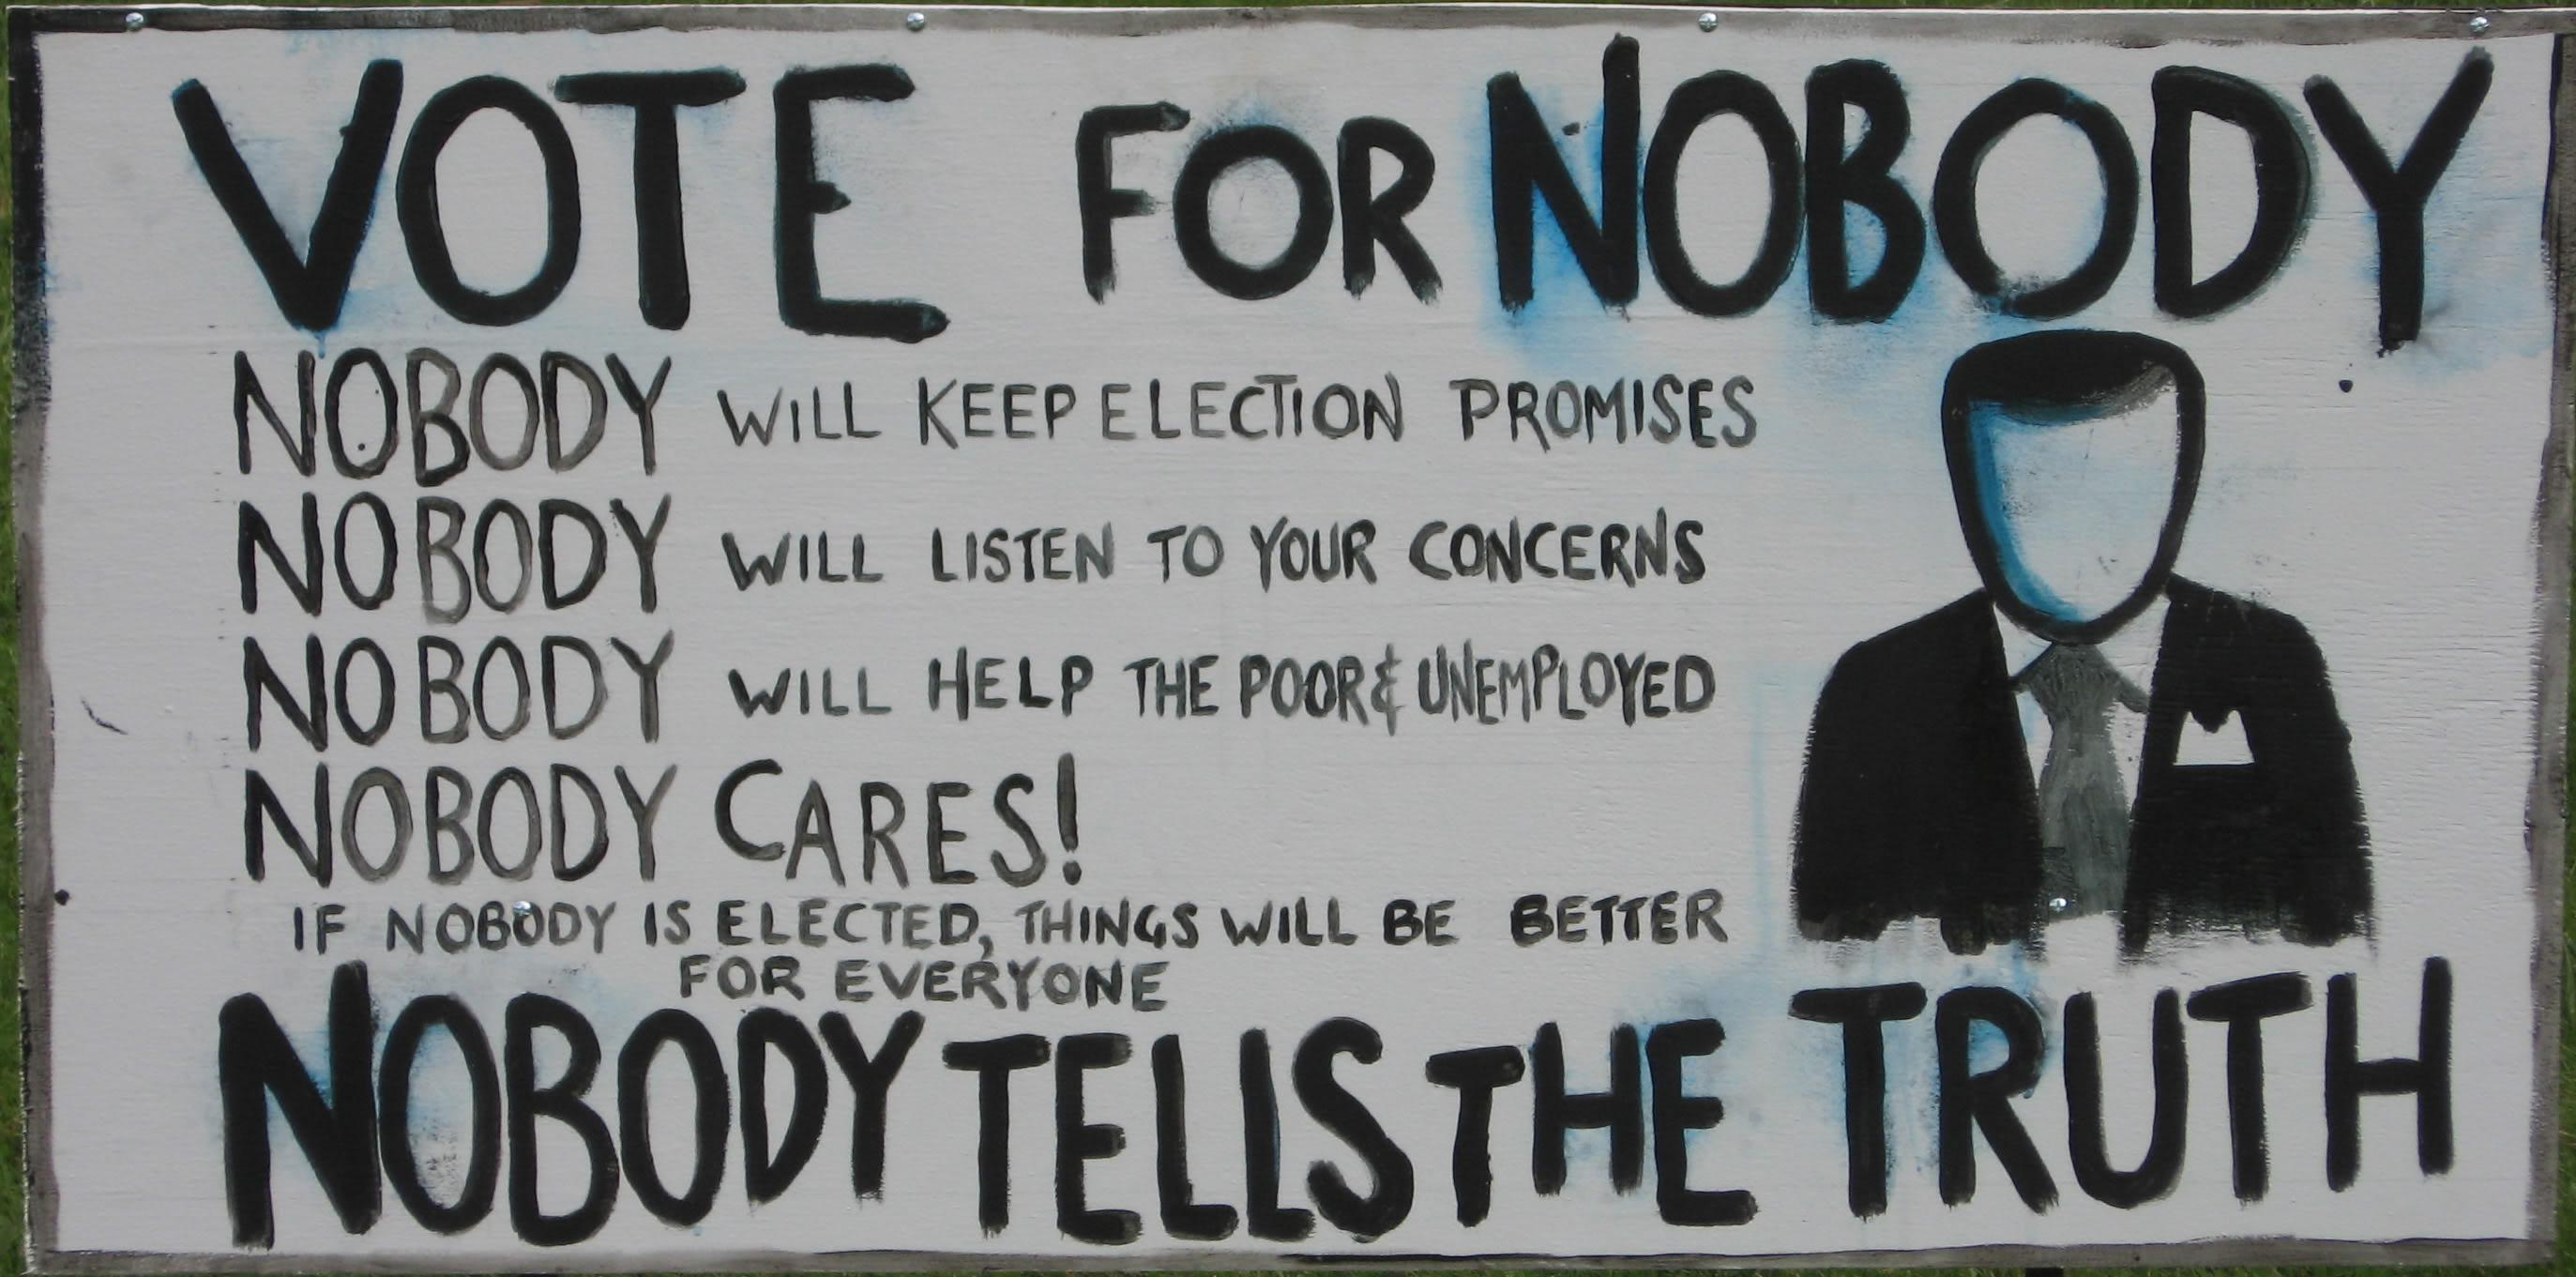 votefornobody.jpg